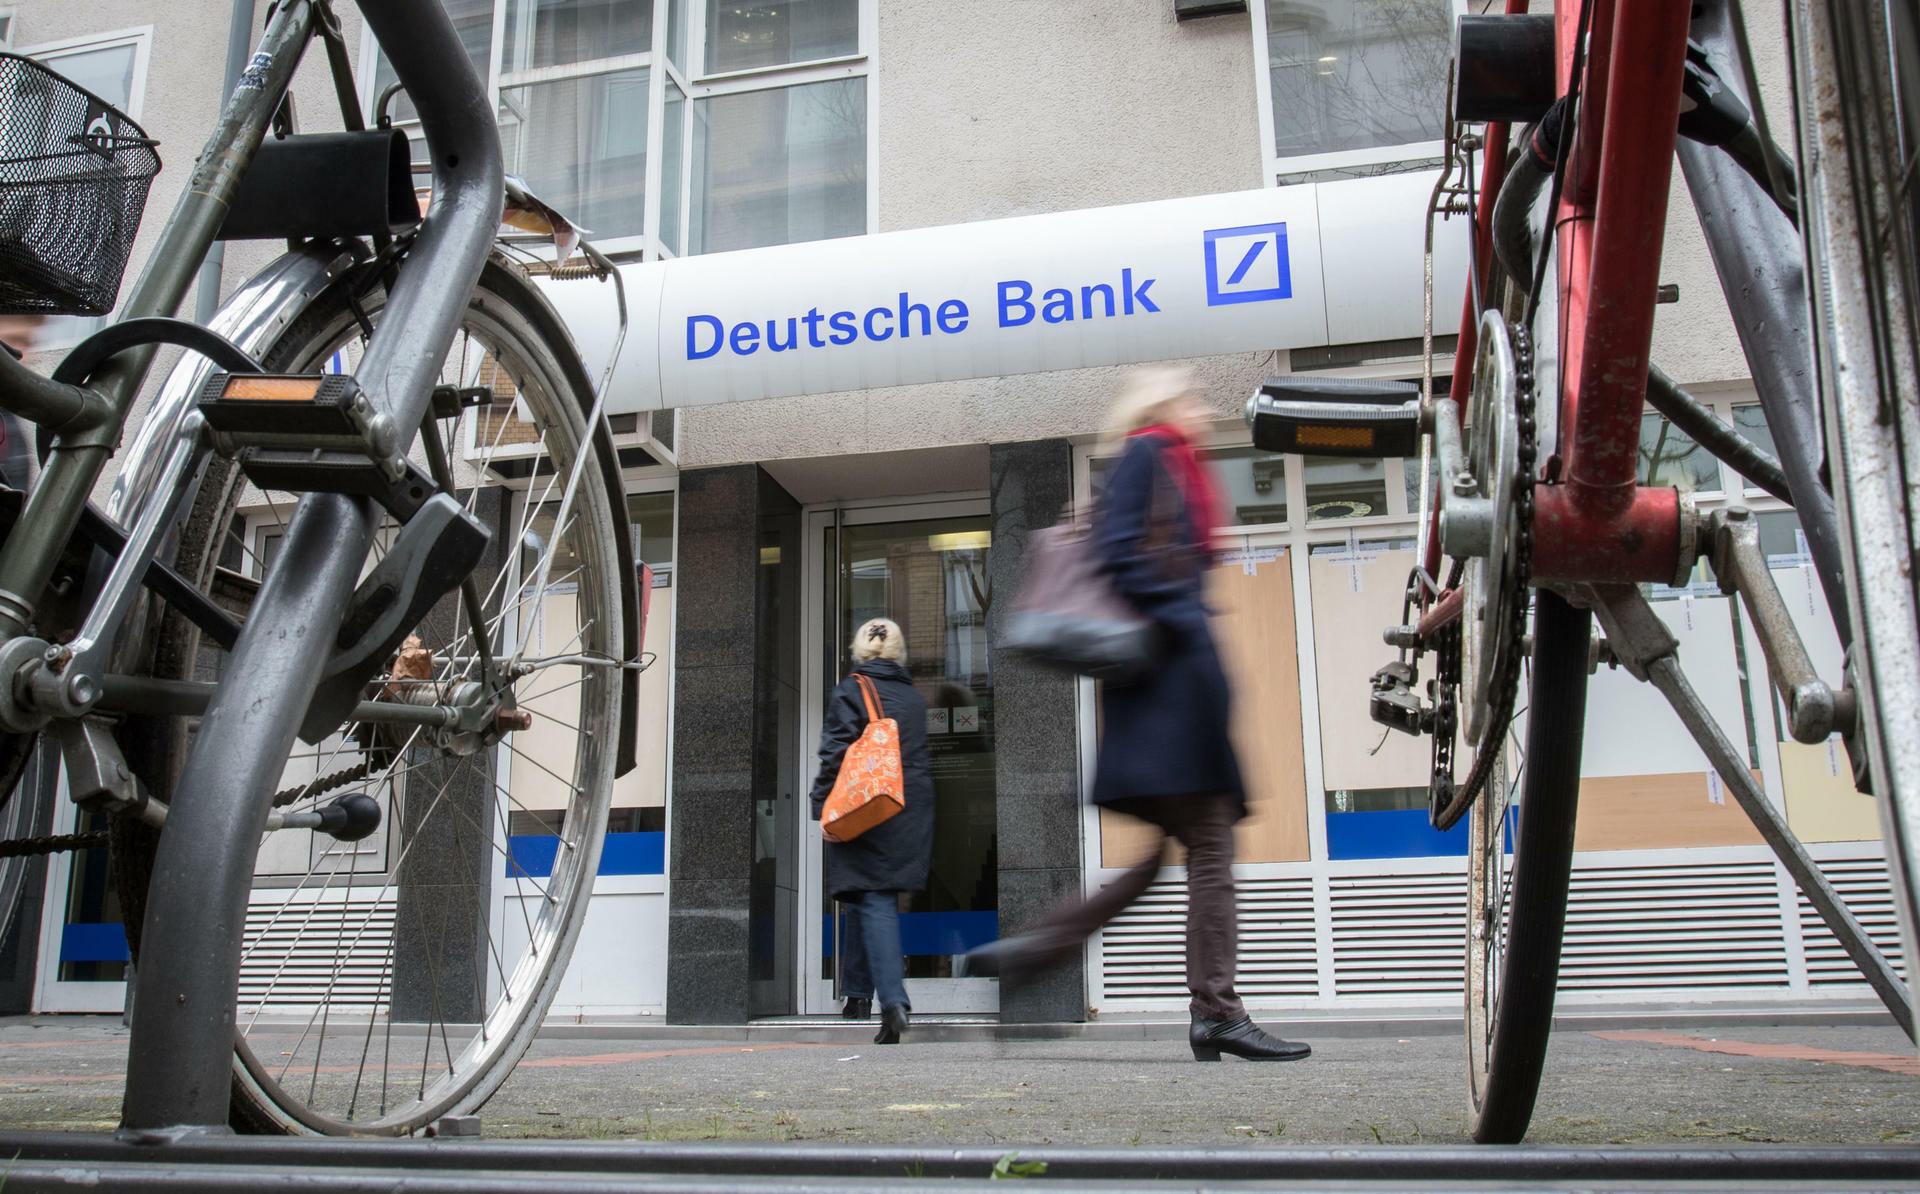 Commerzbank Im Vorteil Wo Die Deutsche Bank Löcher Schlägt